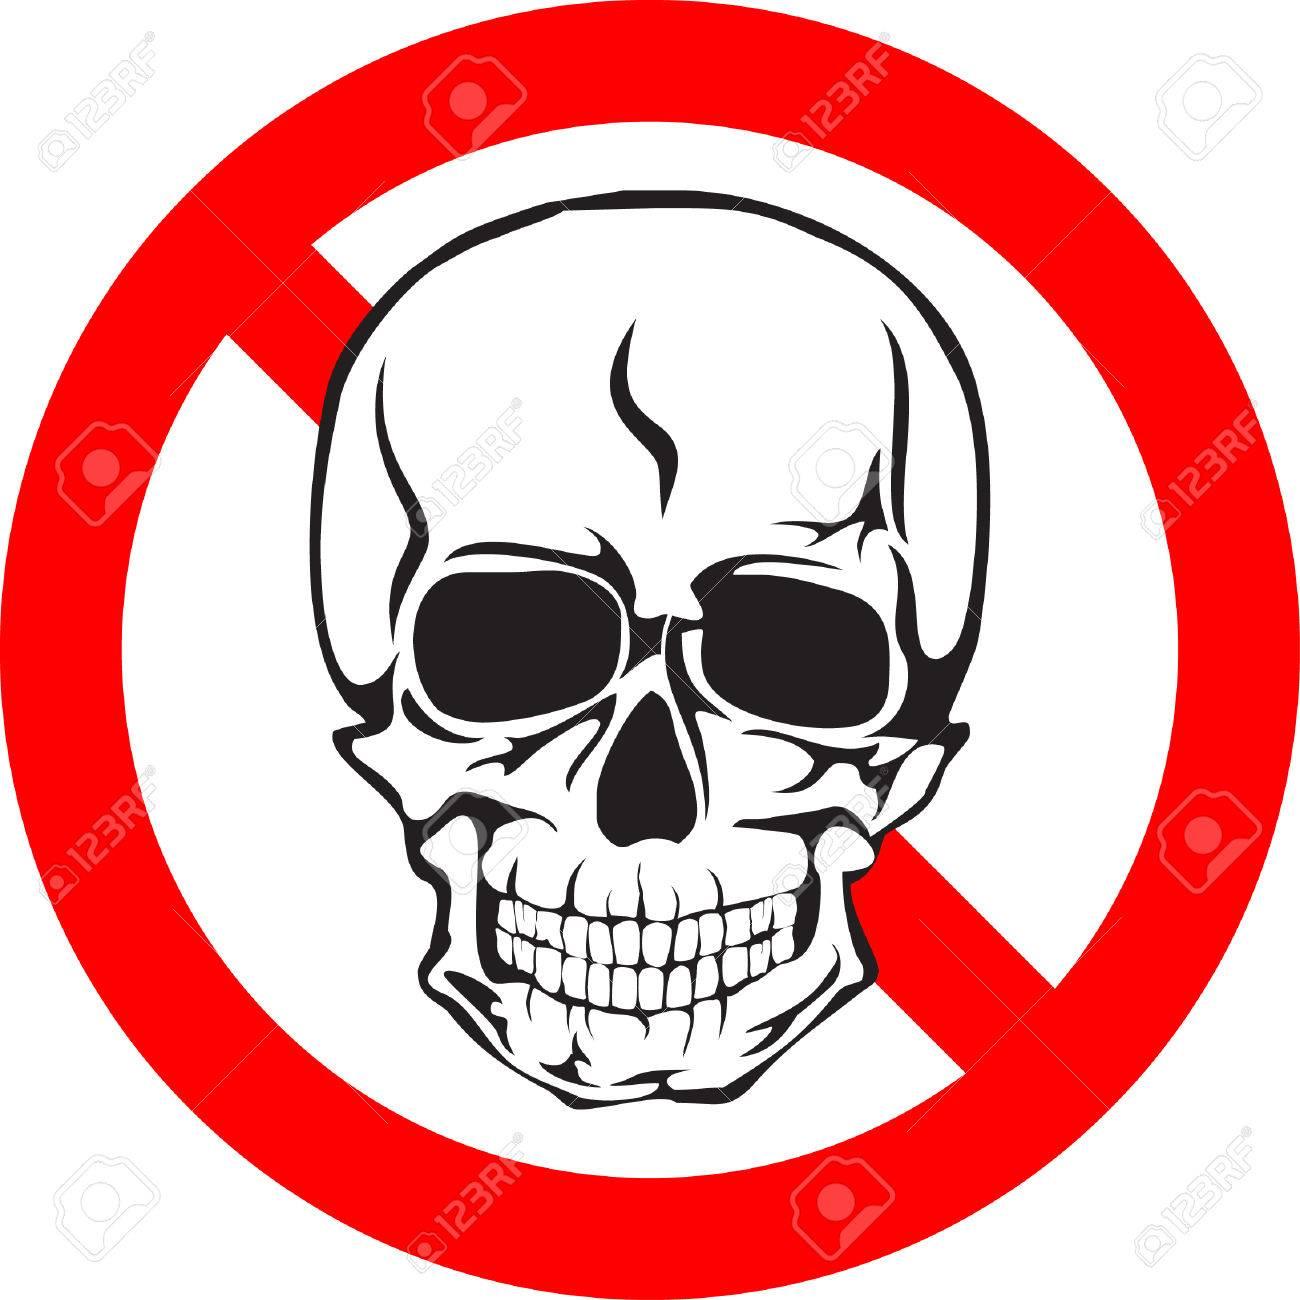 Skull sign Stock Vector - 5017495